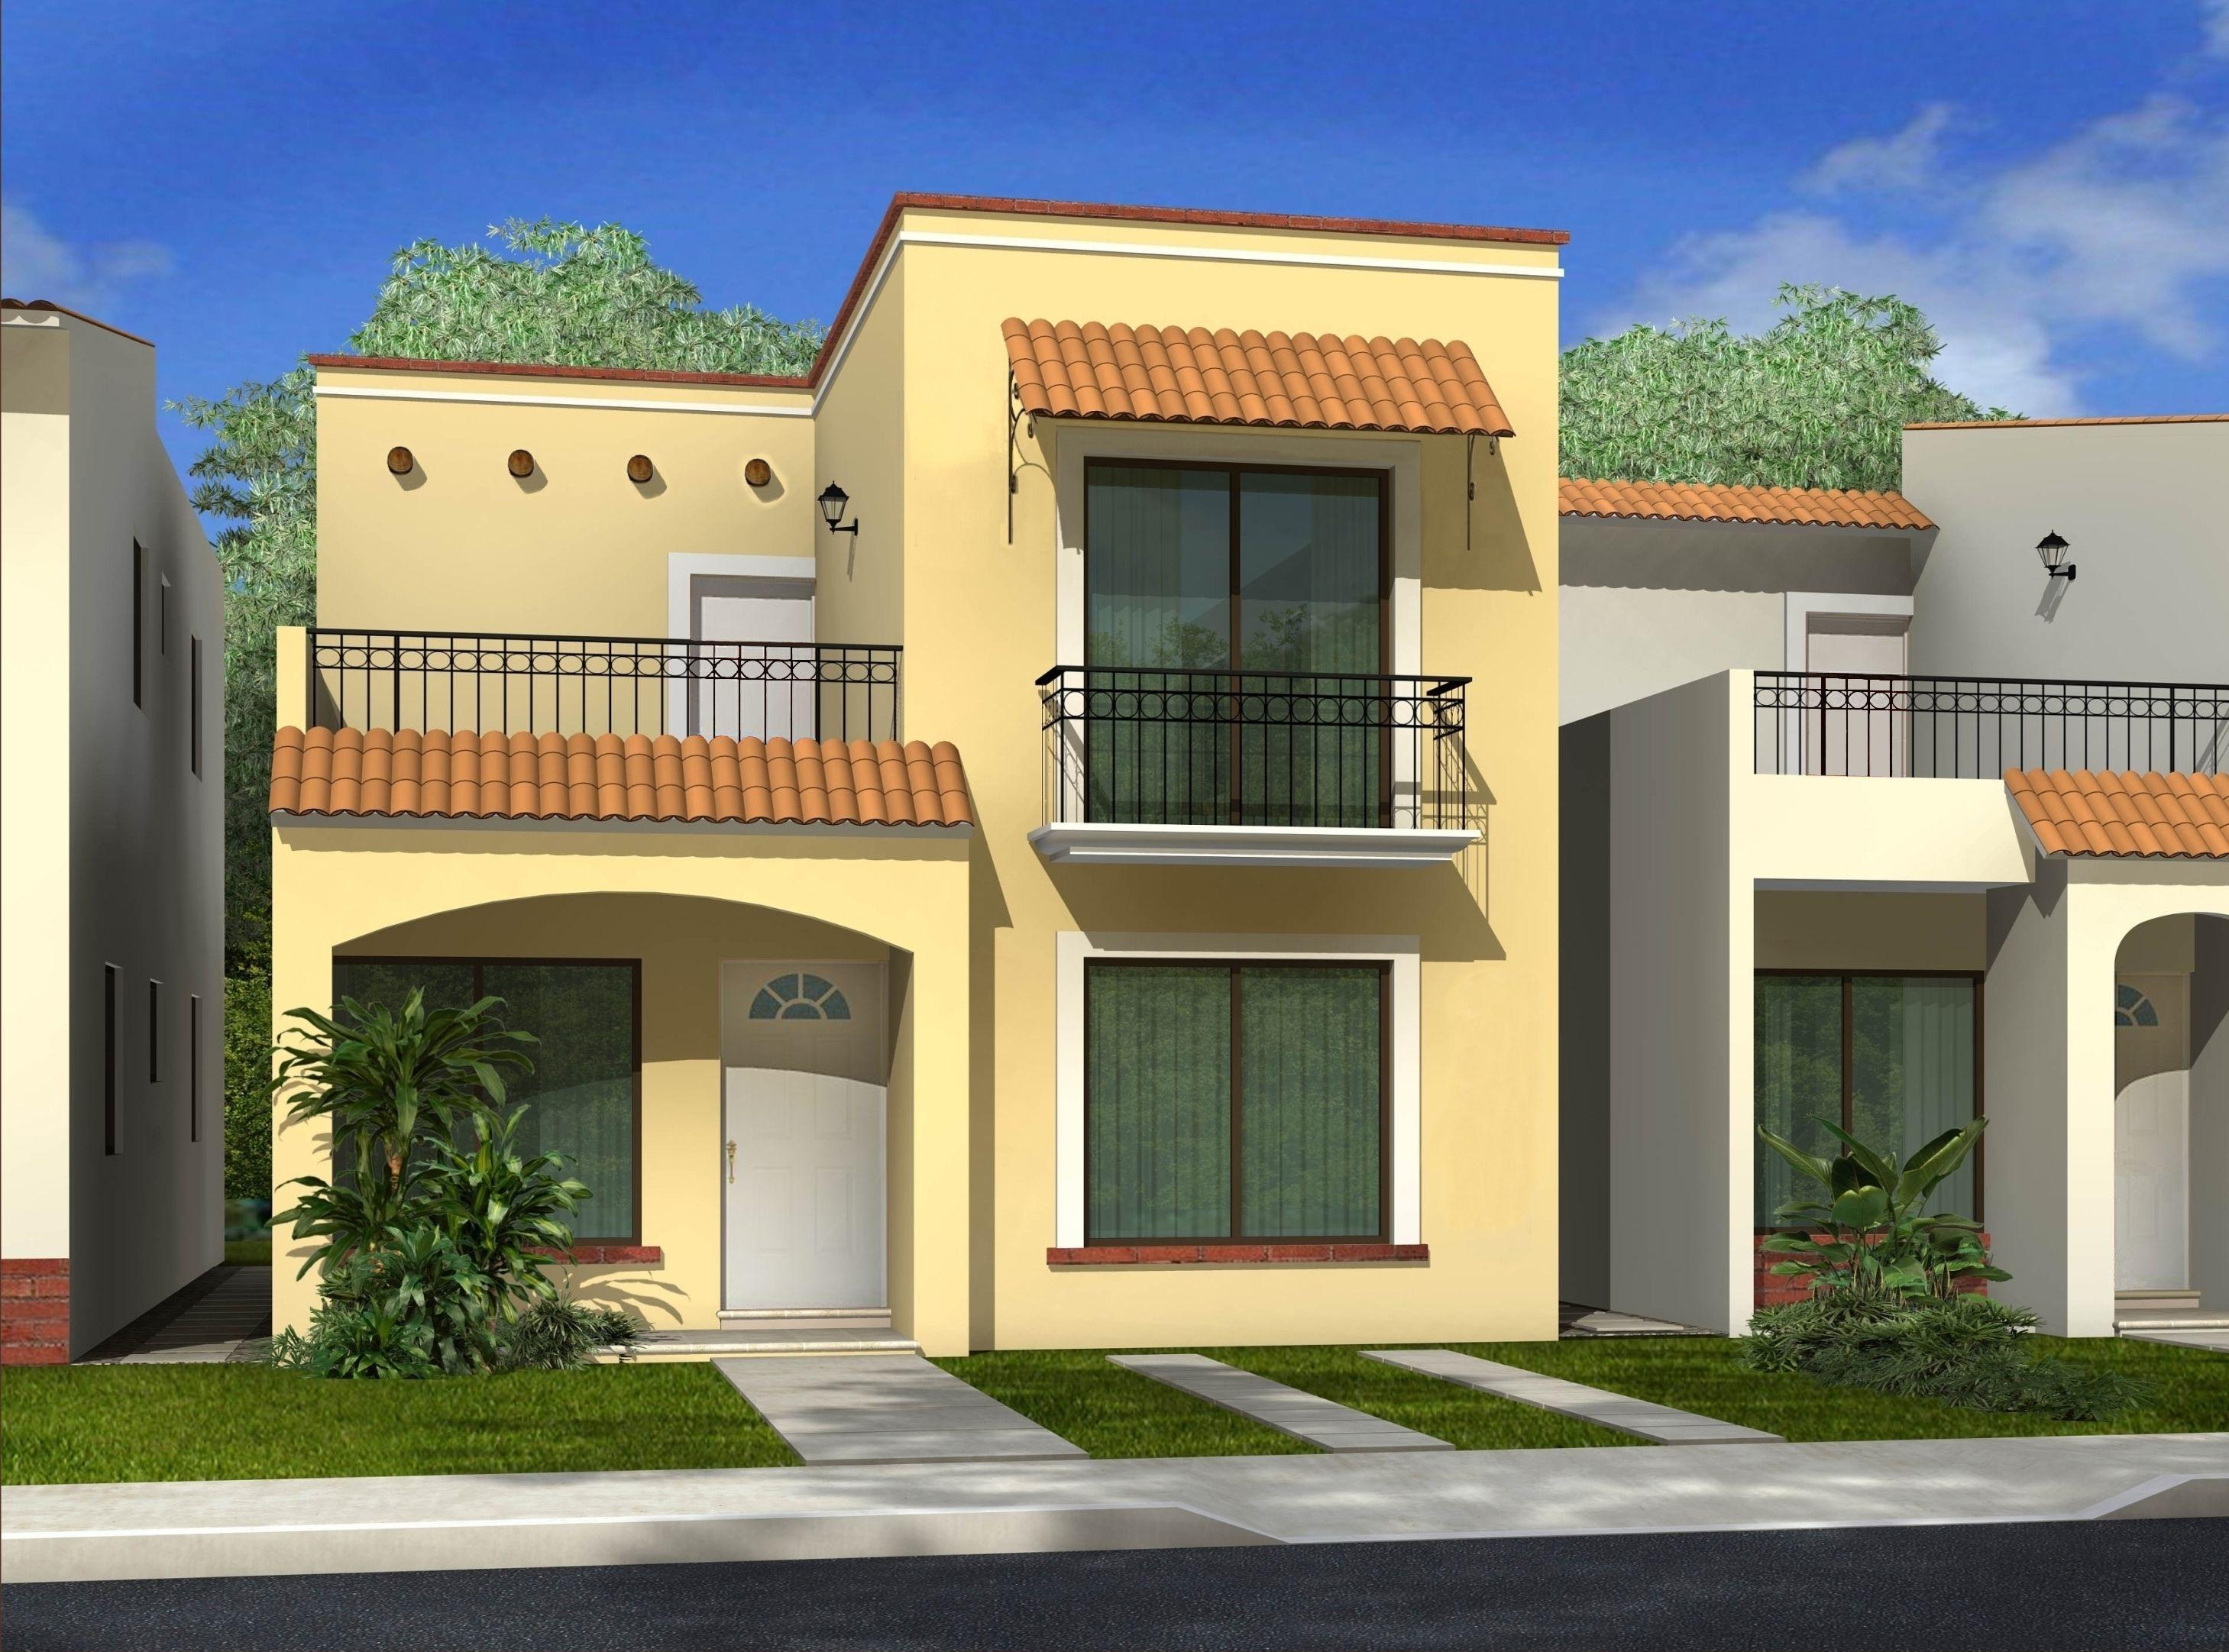 Resultados de la b squeda de im genes fachadas de casa for Planos de casas lindas